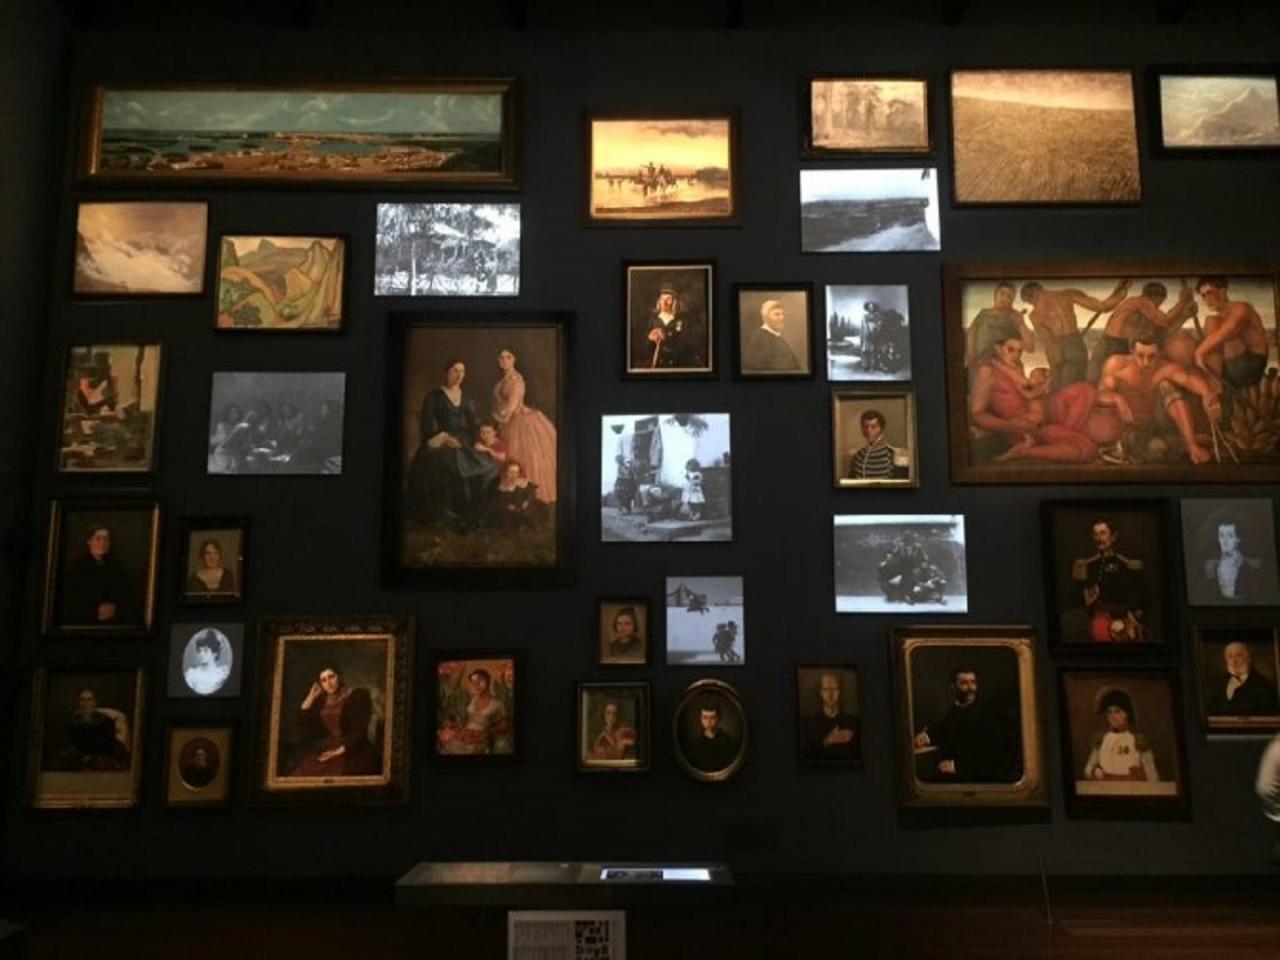 La reintegración de la cultura, la propuesta del Museo Nacional de Colombia